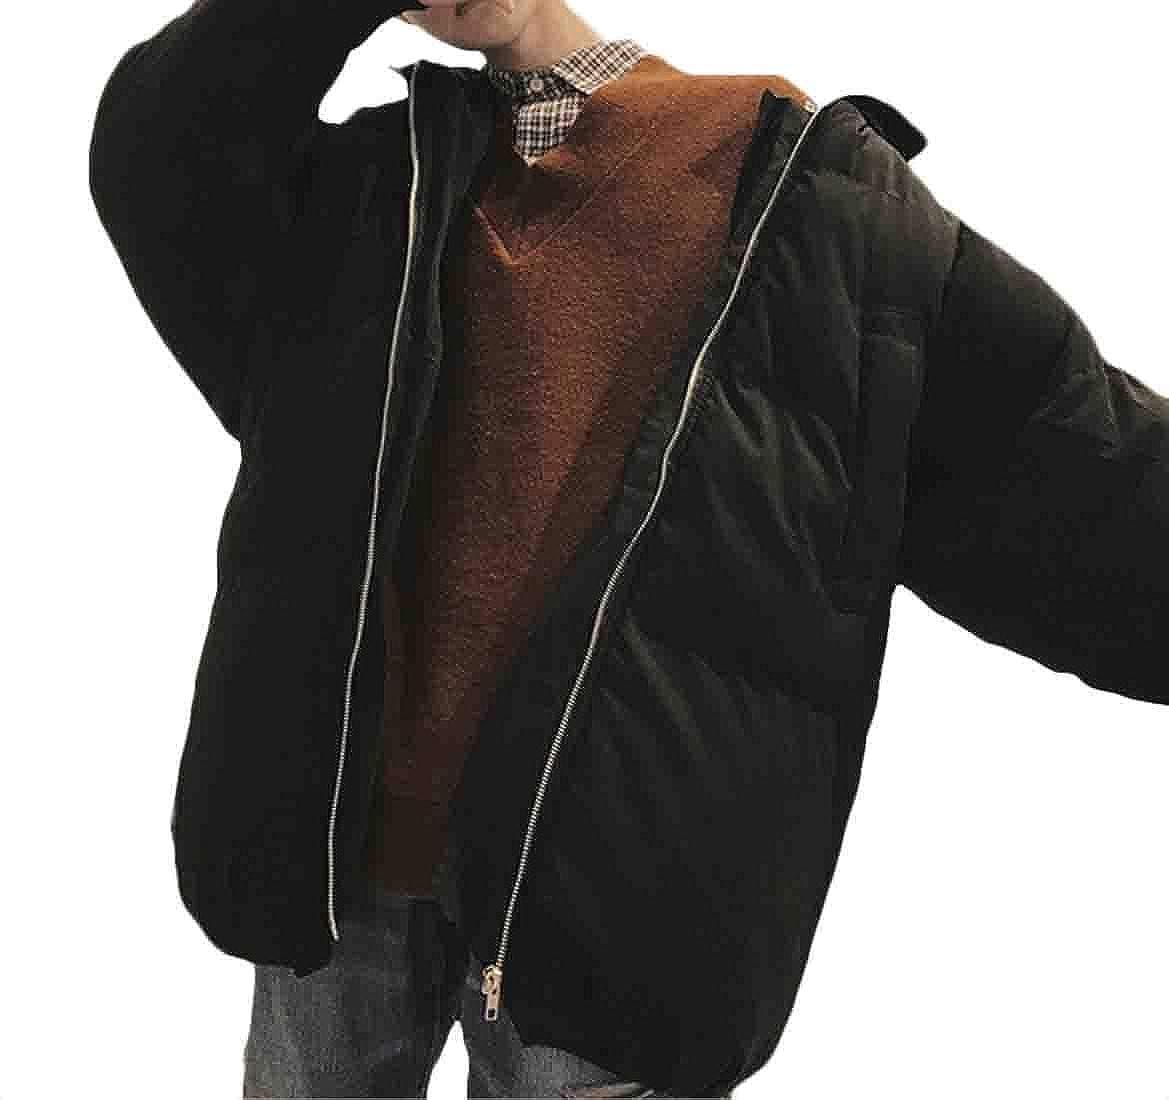 XQS Mens Winter Lightweight Packable Down Jackets Warm Outwear Puffer Coat